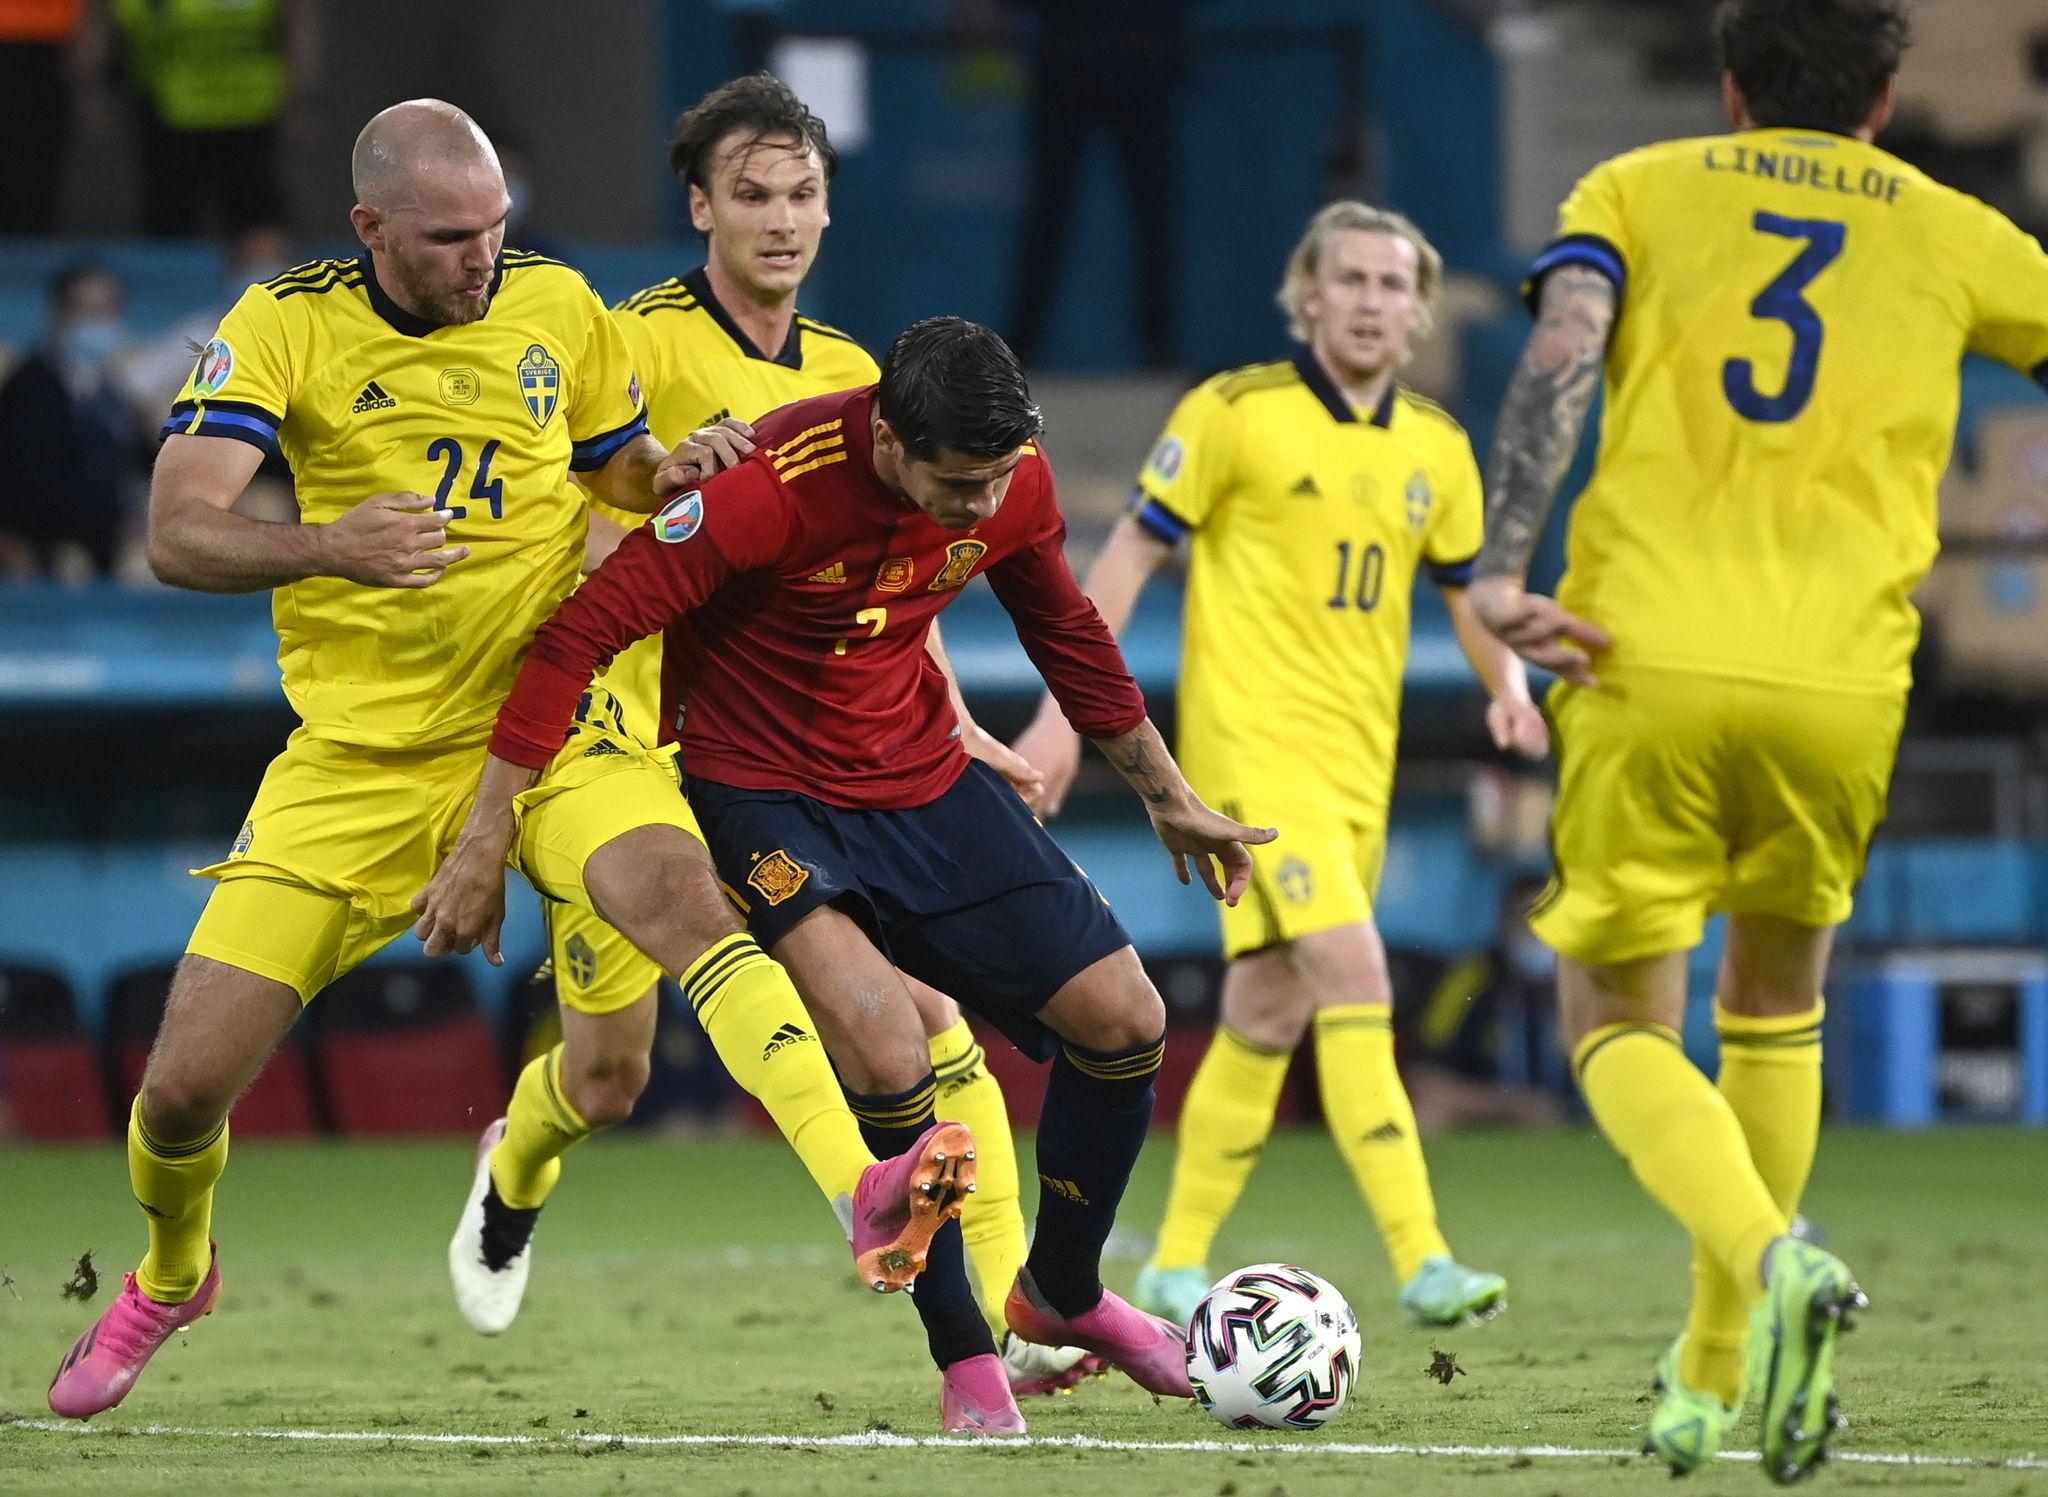 Spanyol (baju merah) berada di bawah tekanan besar setelah dua pertandingan pertama benar-benar seri.  Foto: EFE